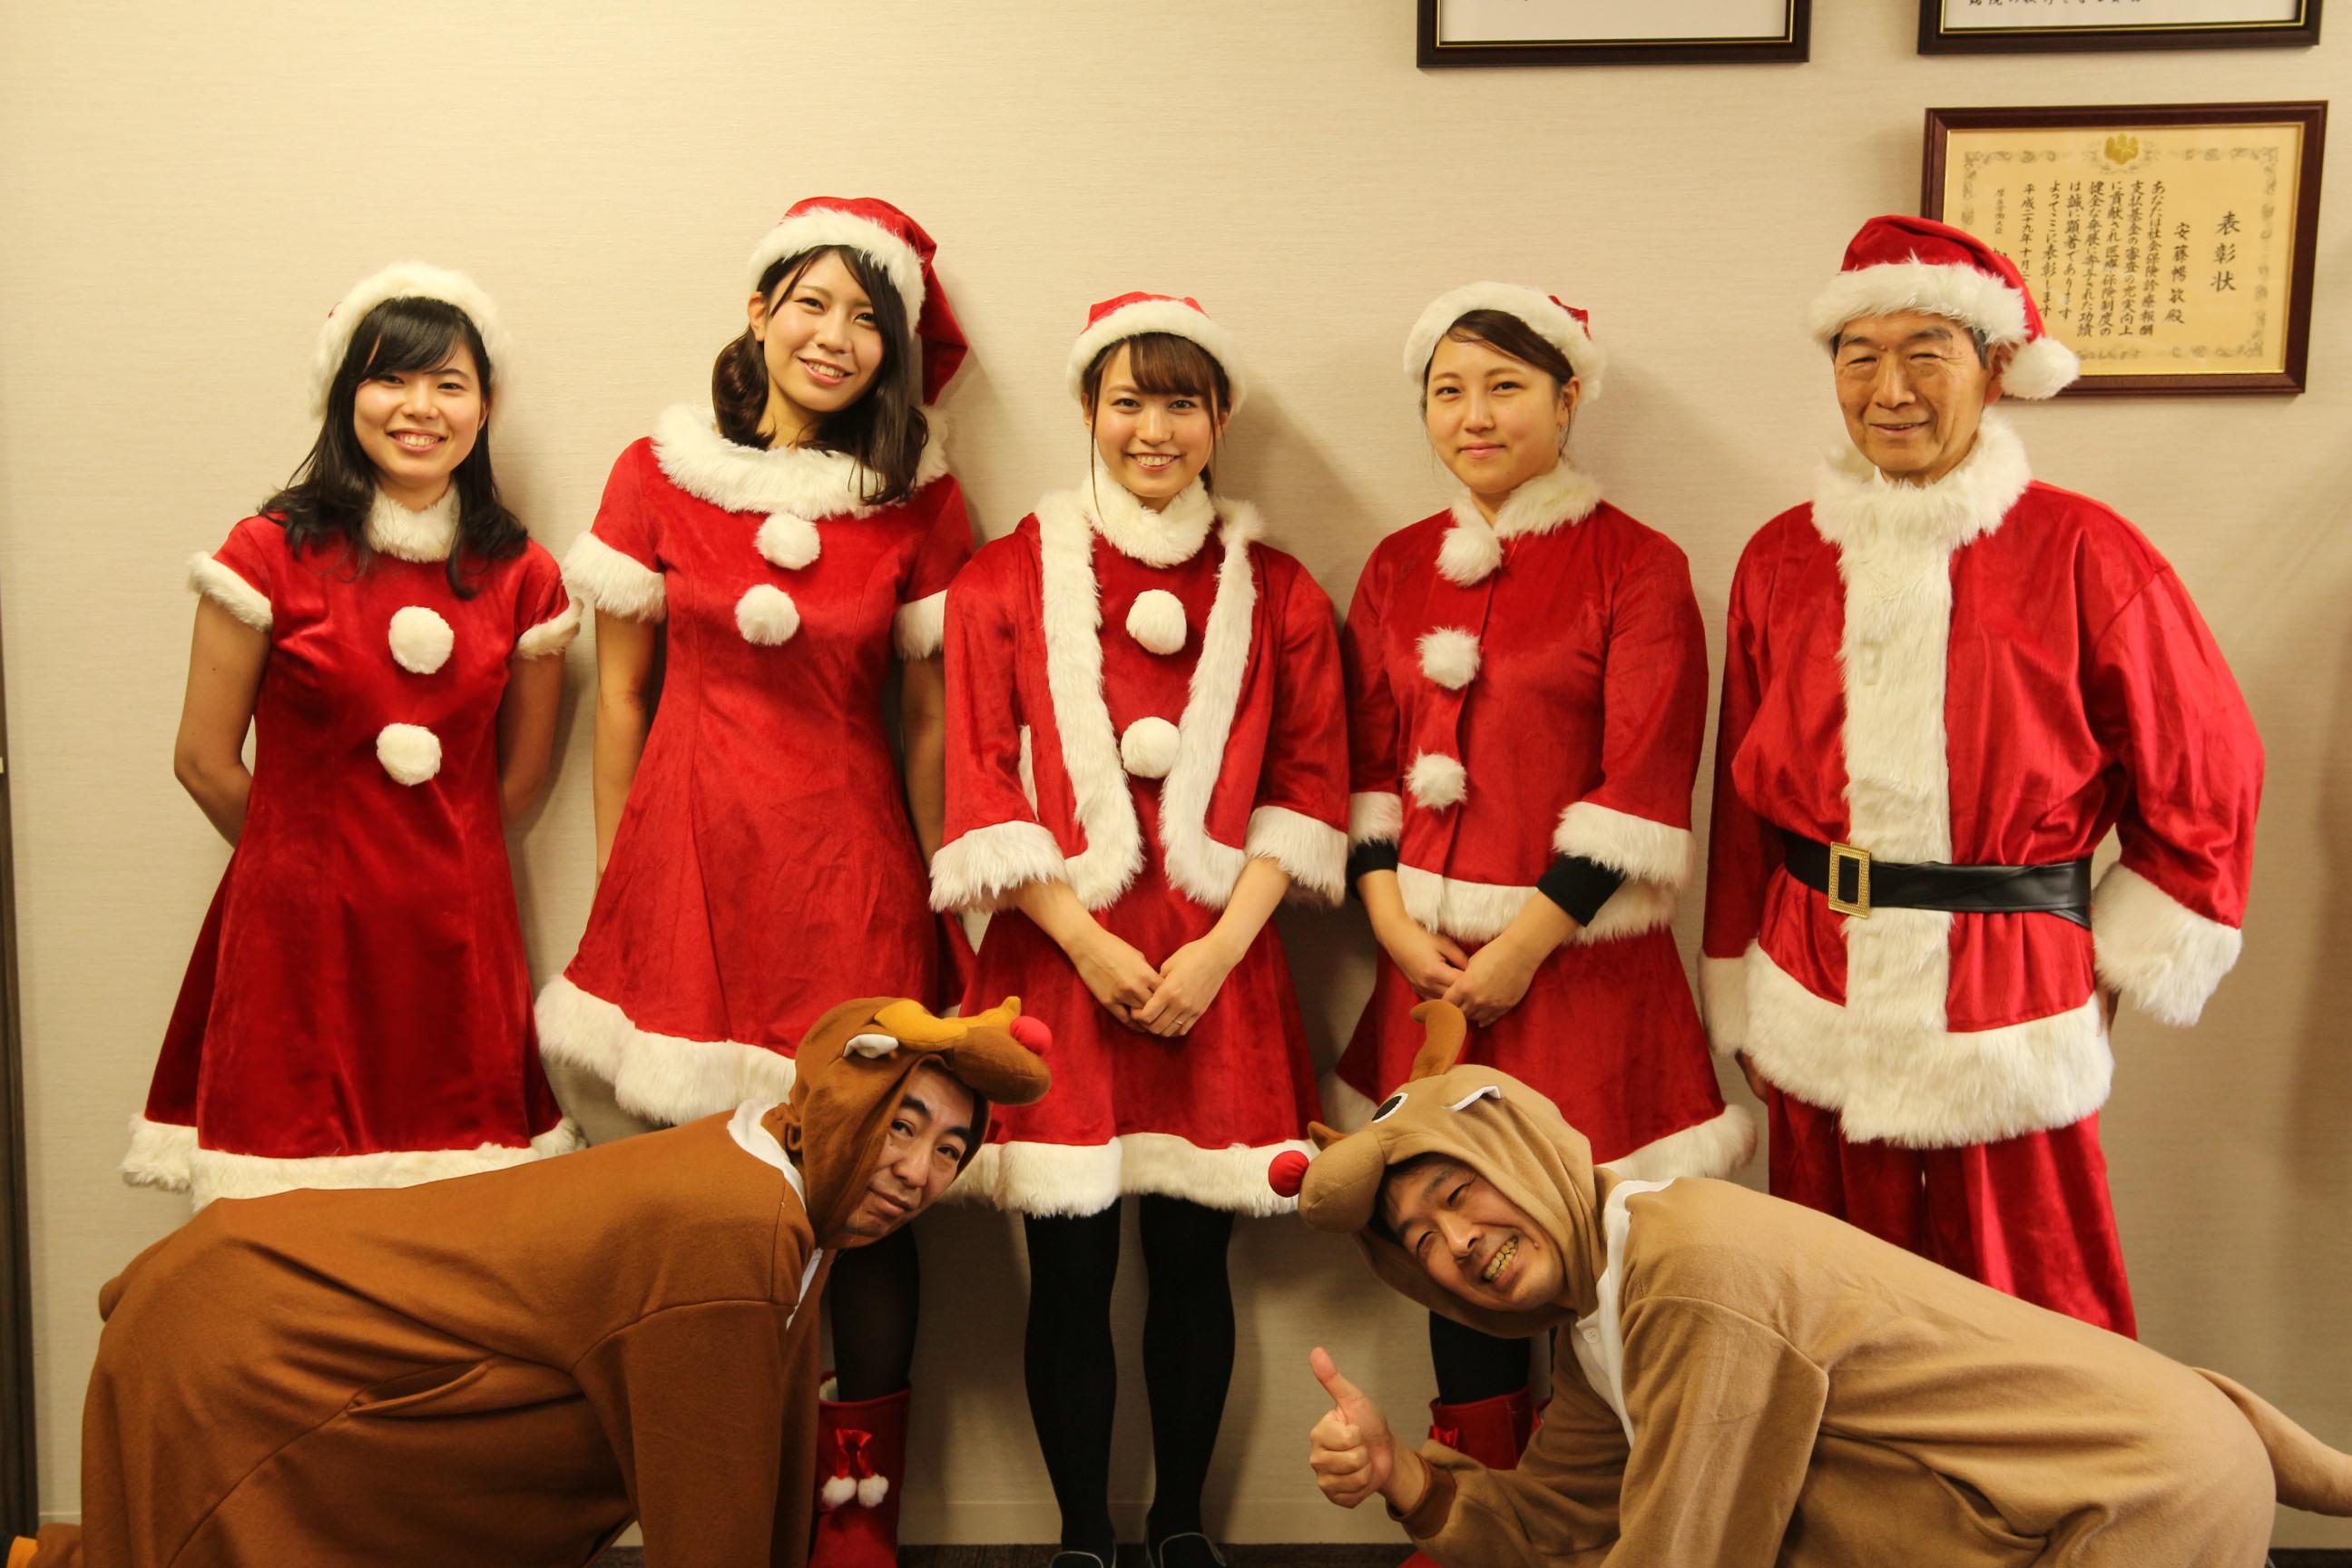 患者慰問のクリスマスイベント。